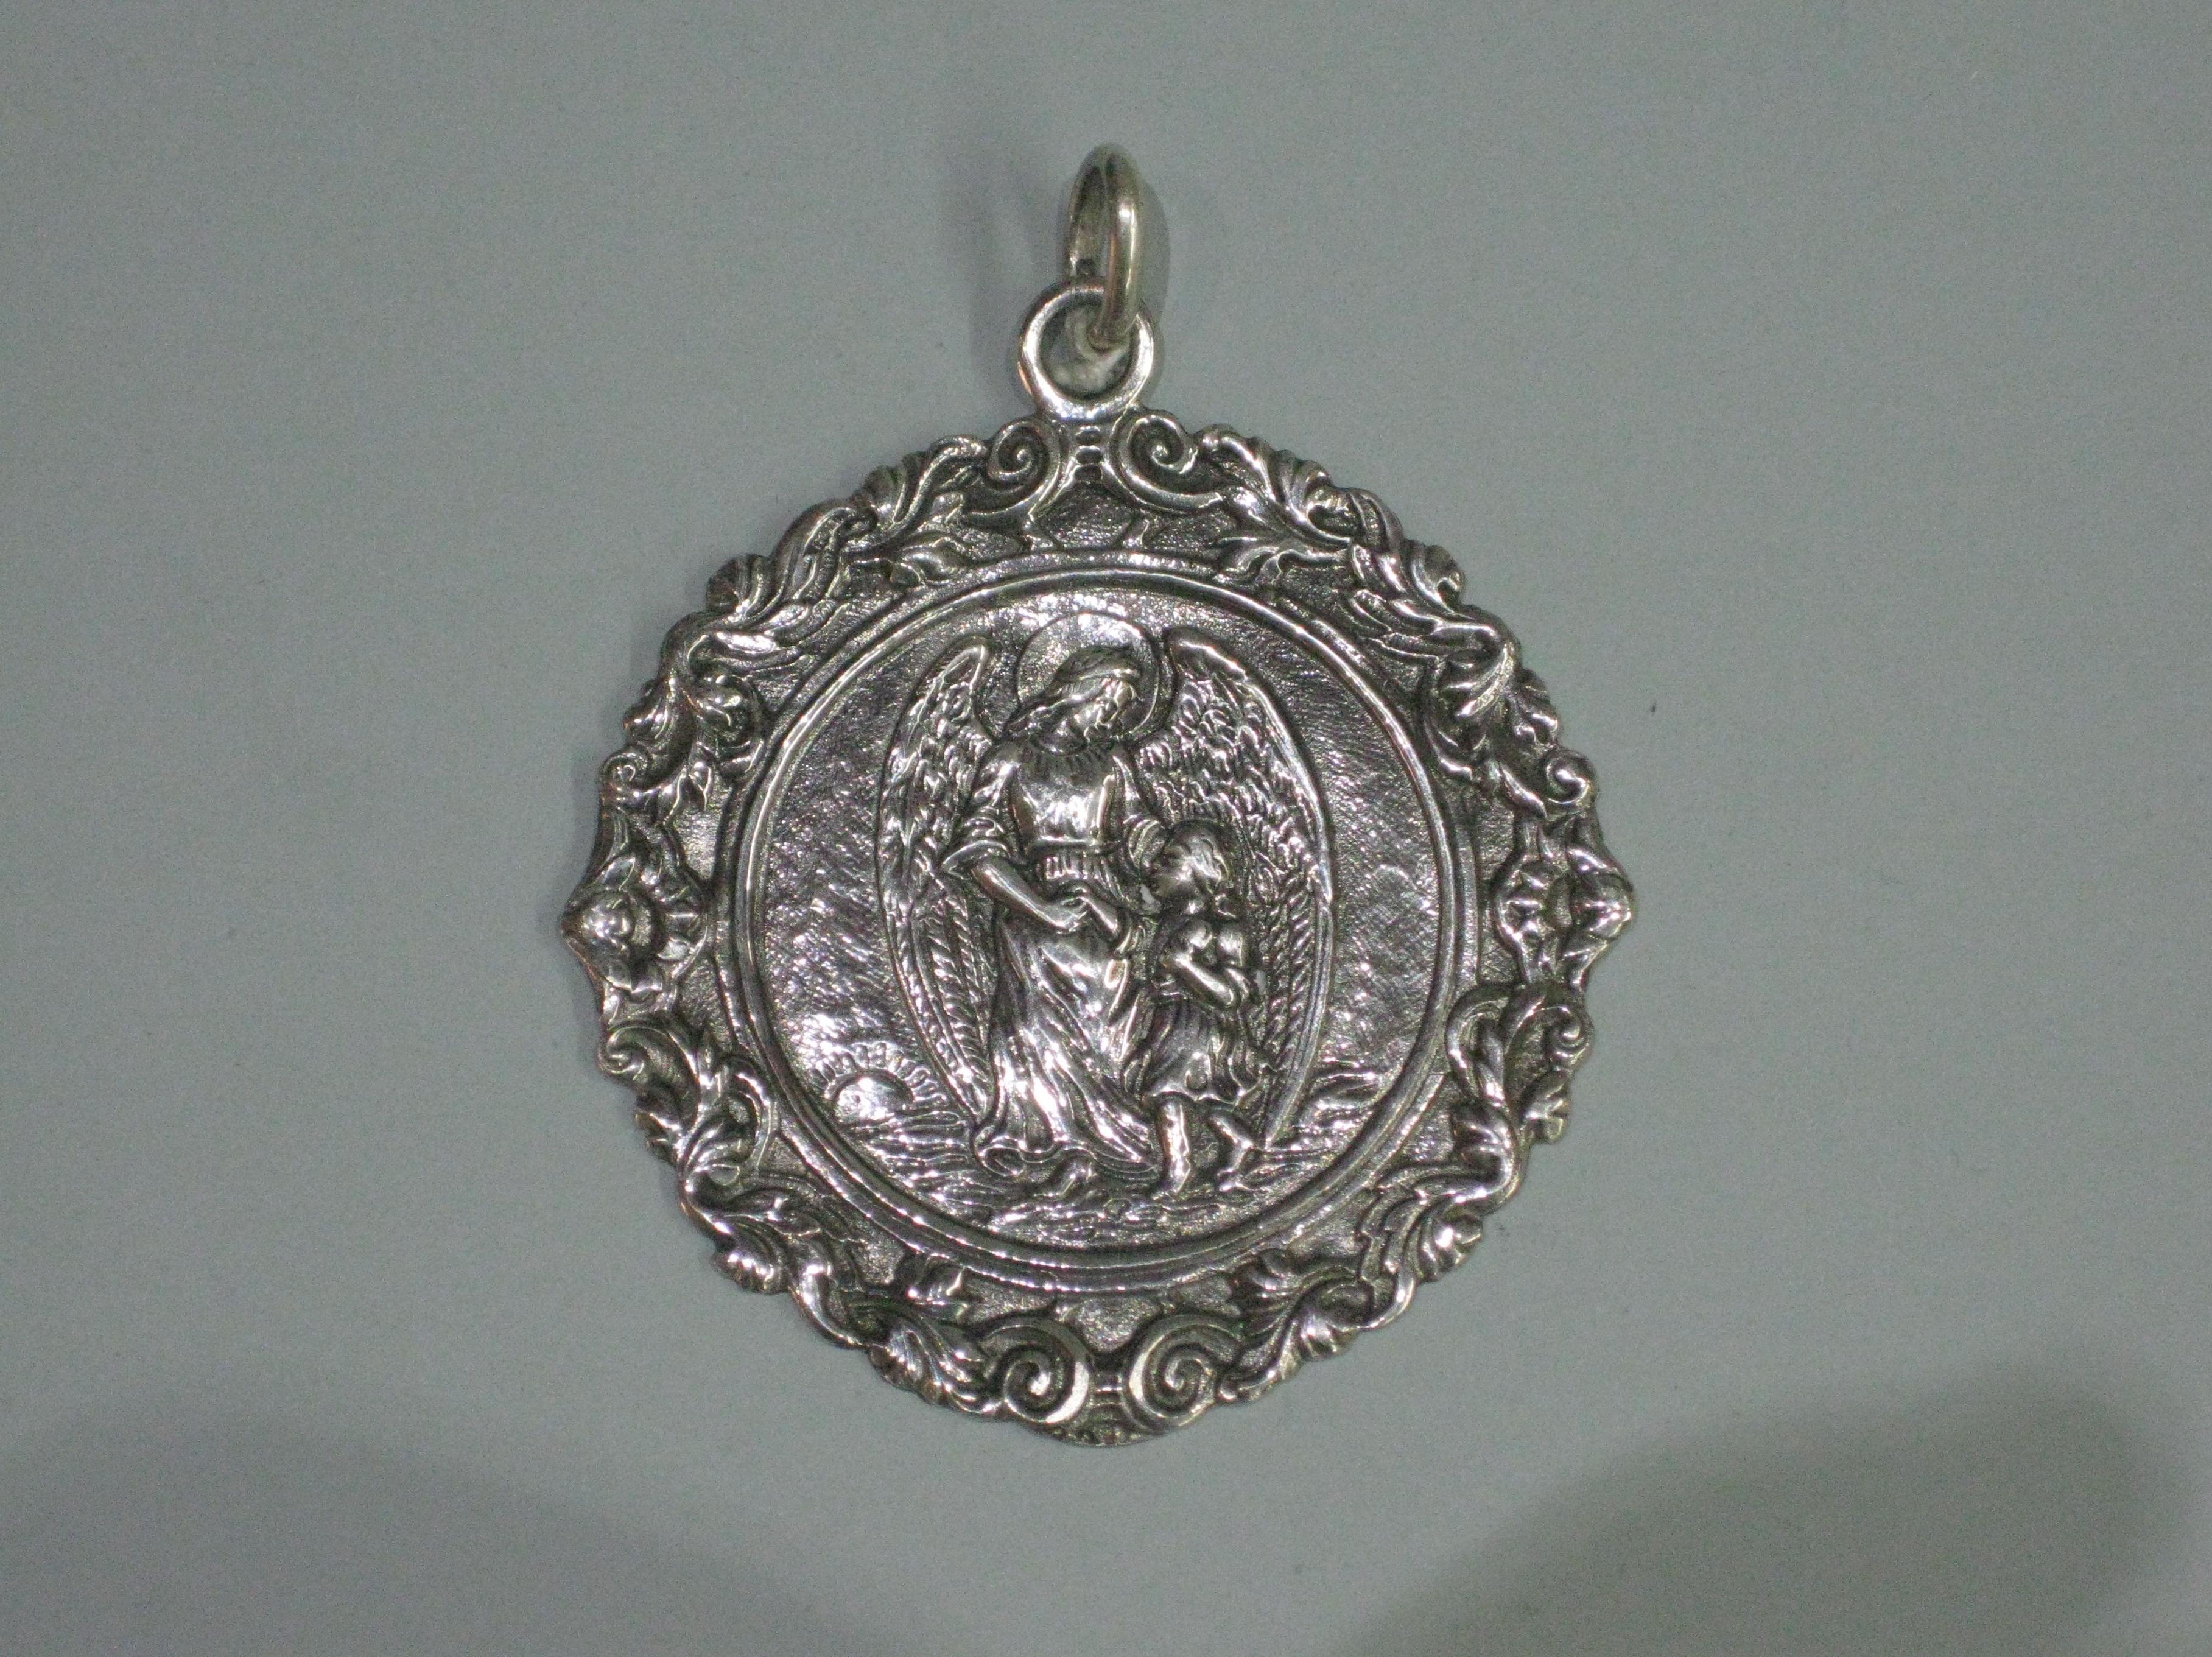 MEDALLA CUNA ANGEL DE LA GUARDA: Catalogo de plata de Vera Orfebre